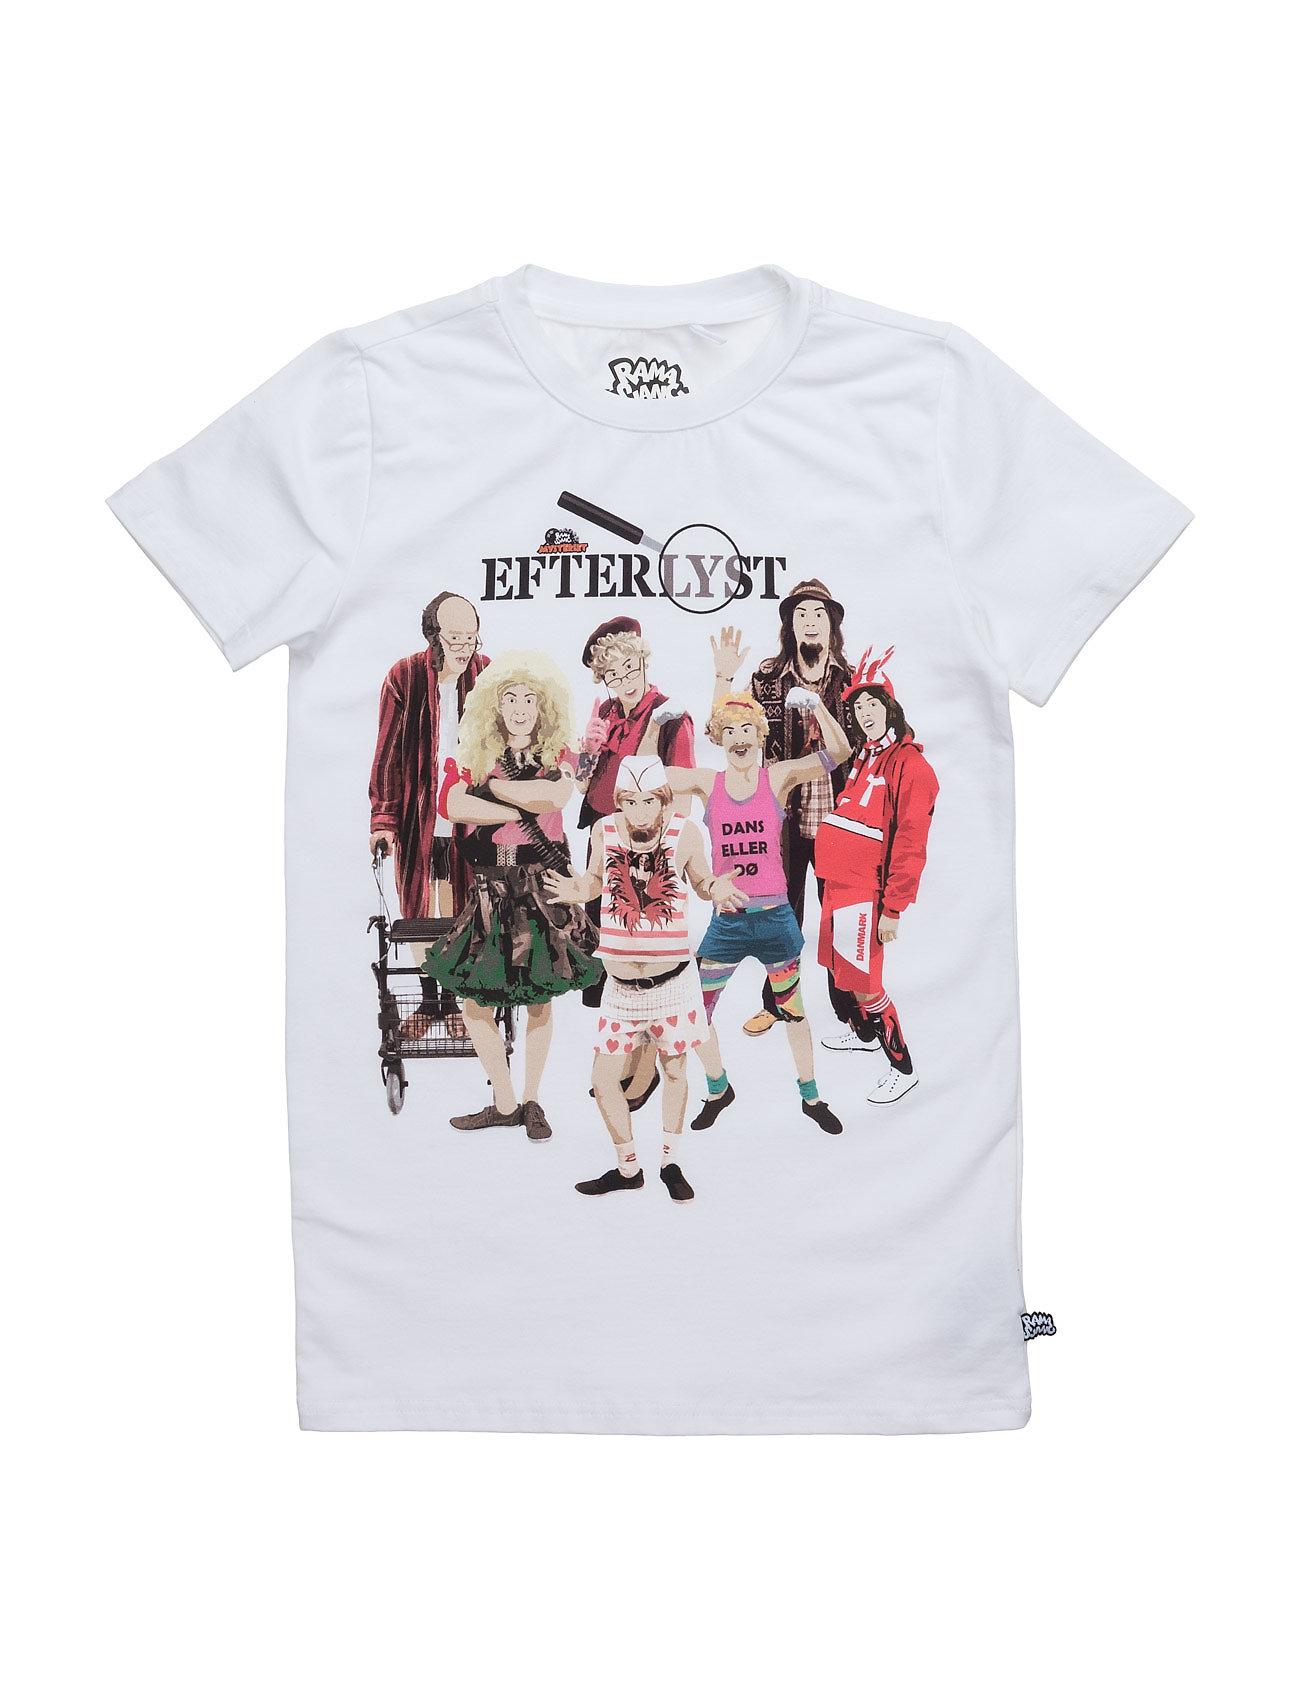 Kristian Skurke T Ramasjang Kluns by Green Cotton Kortærmede t-shirts til Børn i hvid